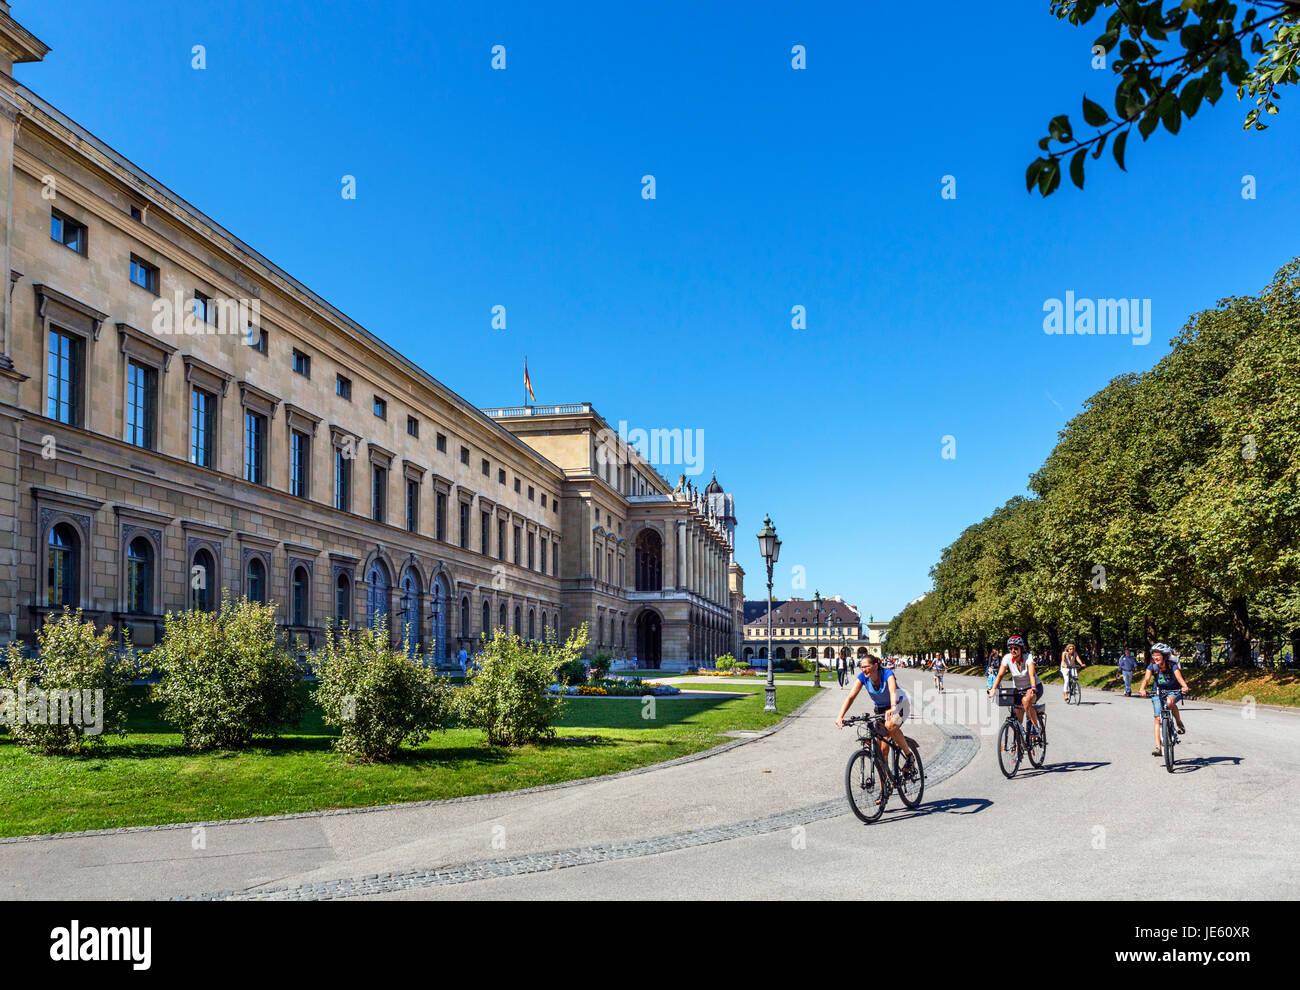 Residenz Munich. L'aspect de l'Hofgarten Residenz, le palais royal de Bavière, Munich, Bavière, Photo Stock